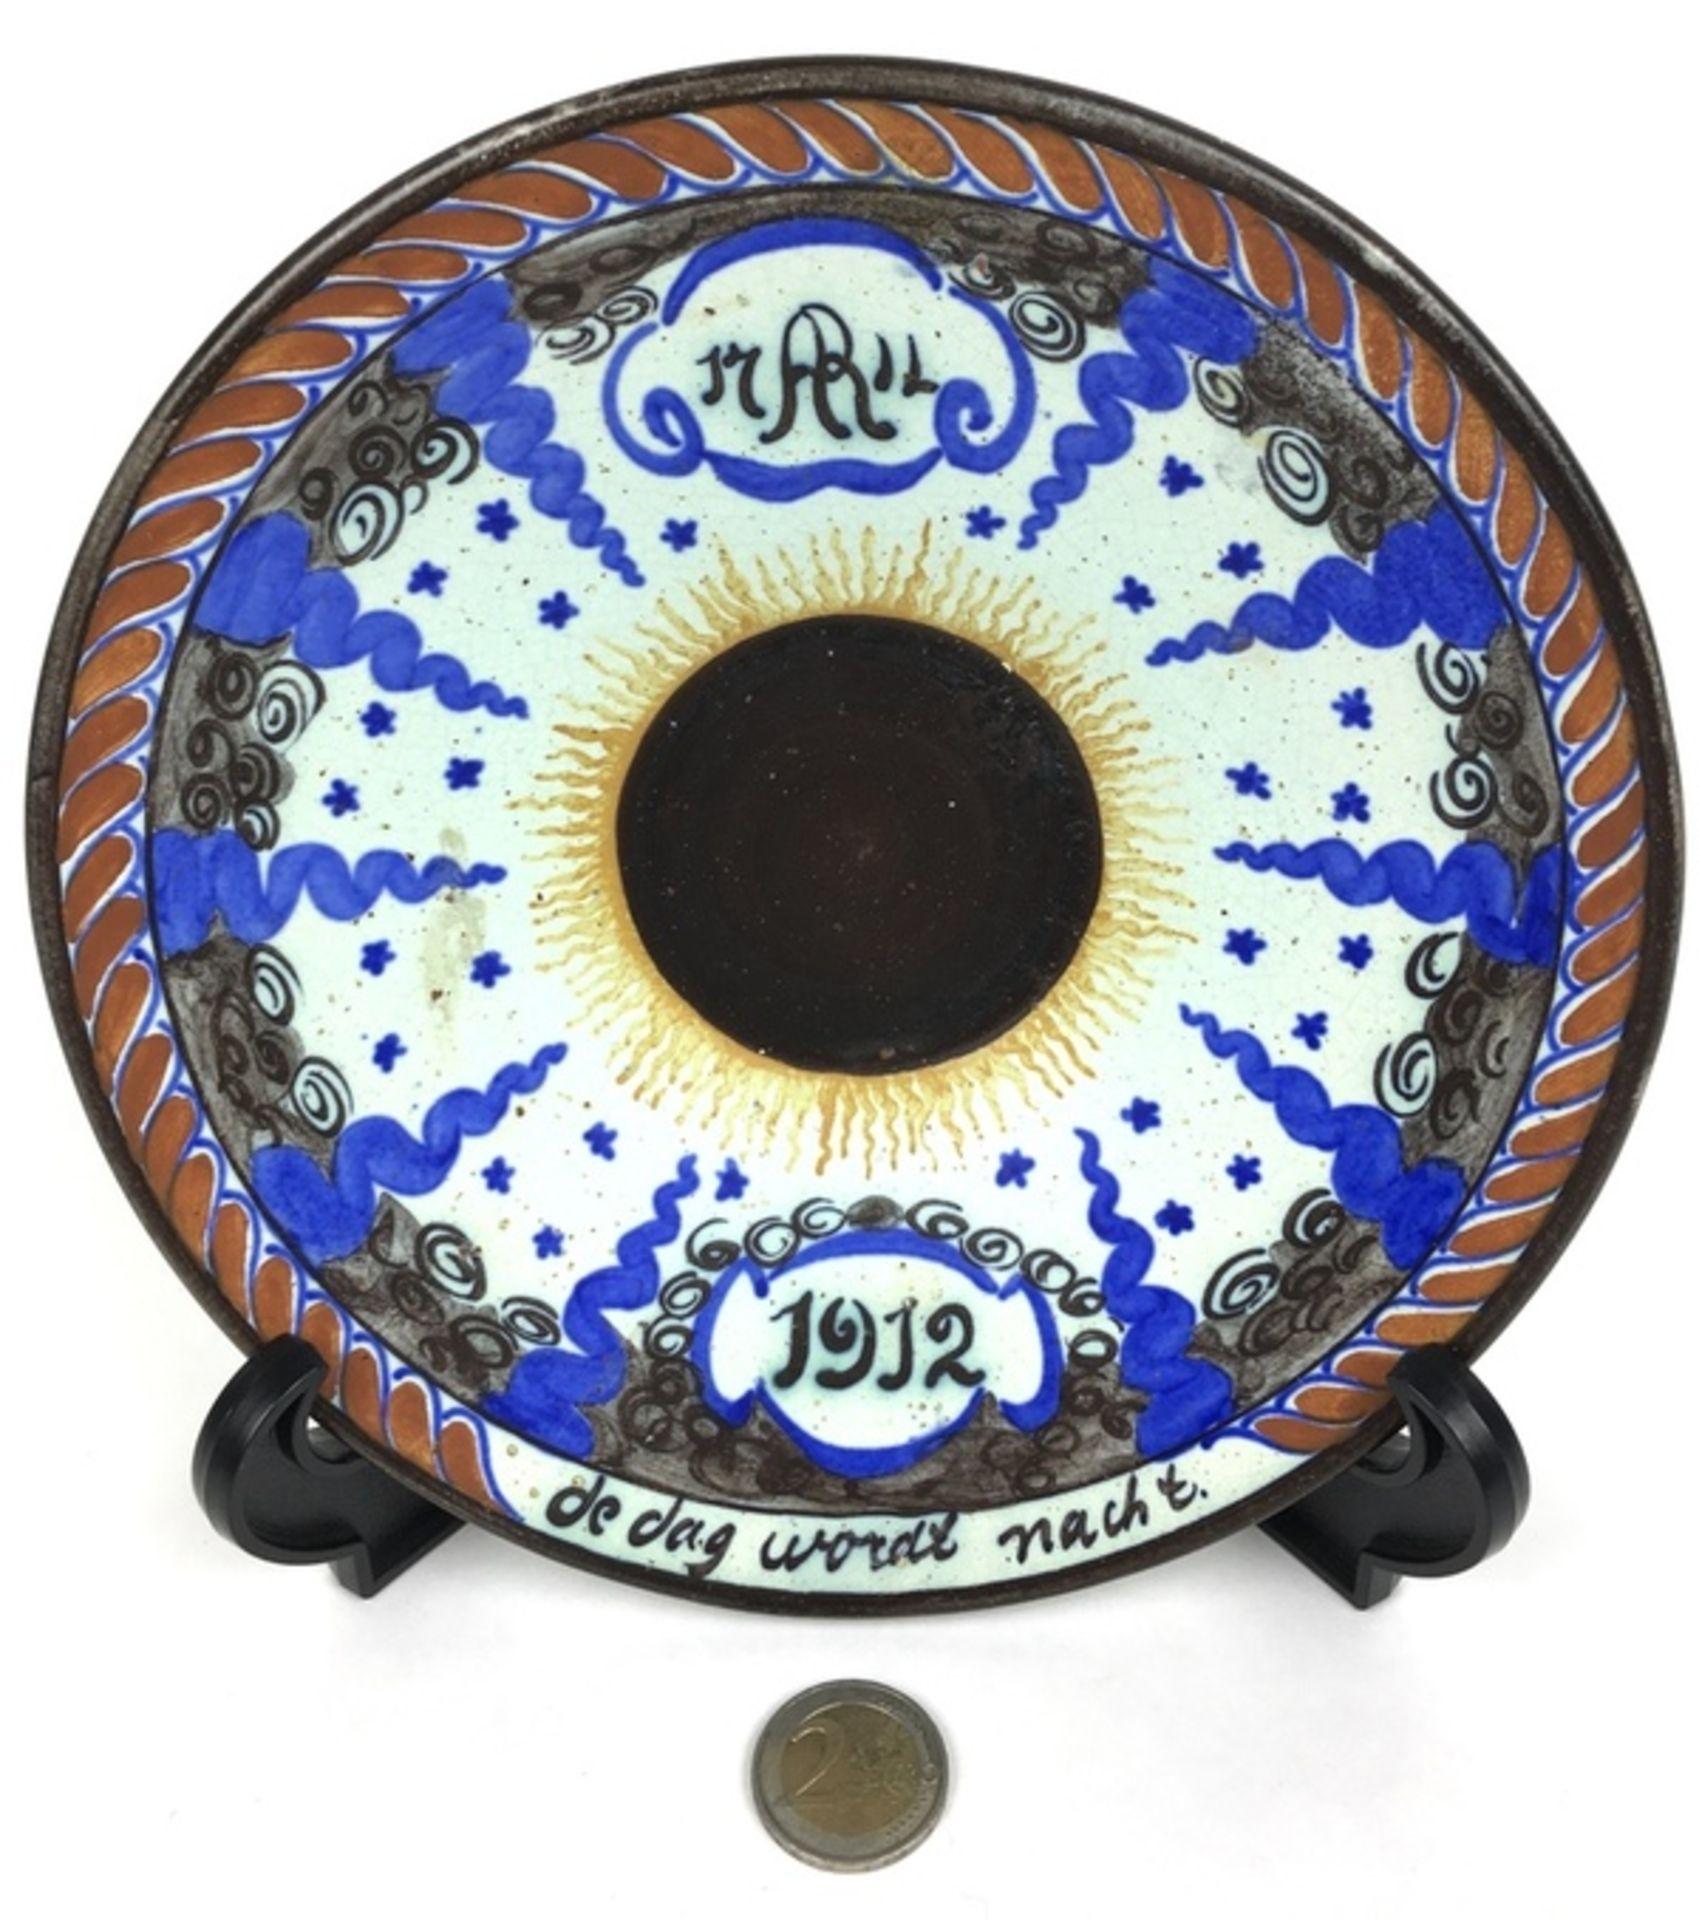 (Toegpaste kunst) Bord, Potterij RembrandtHerinneringsbord zonsverduistering 17 april 1912. Pot - Image 2 of 5